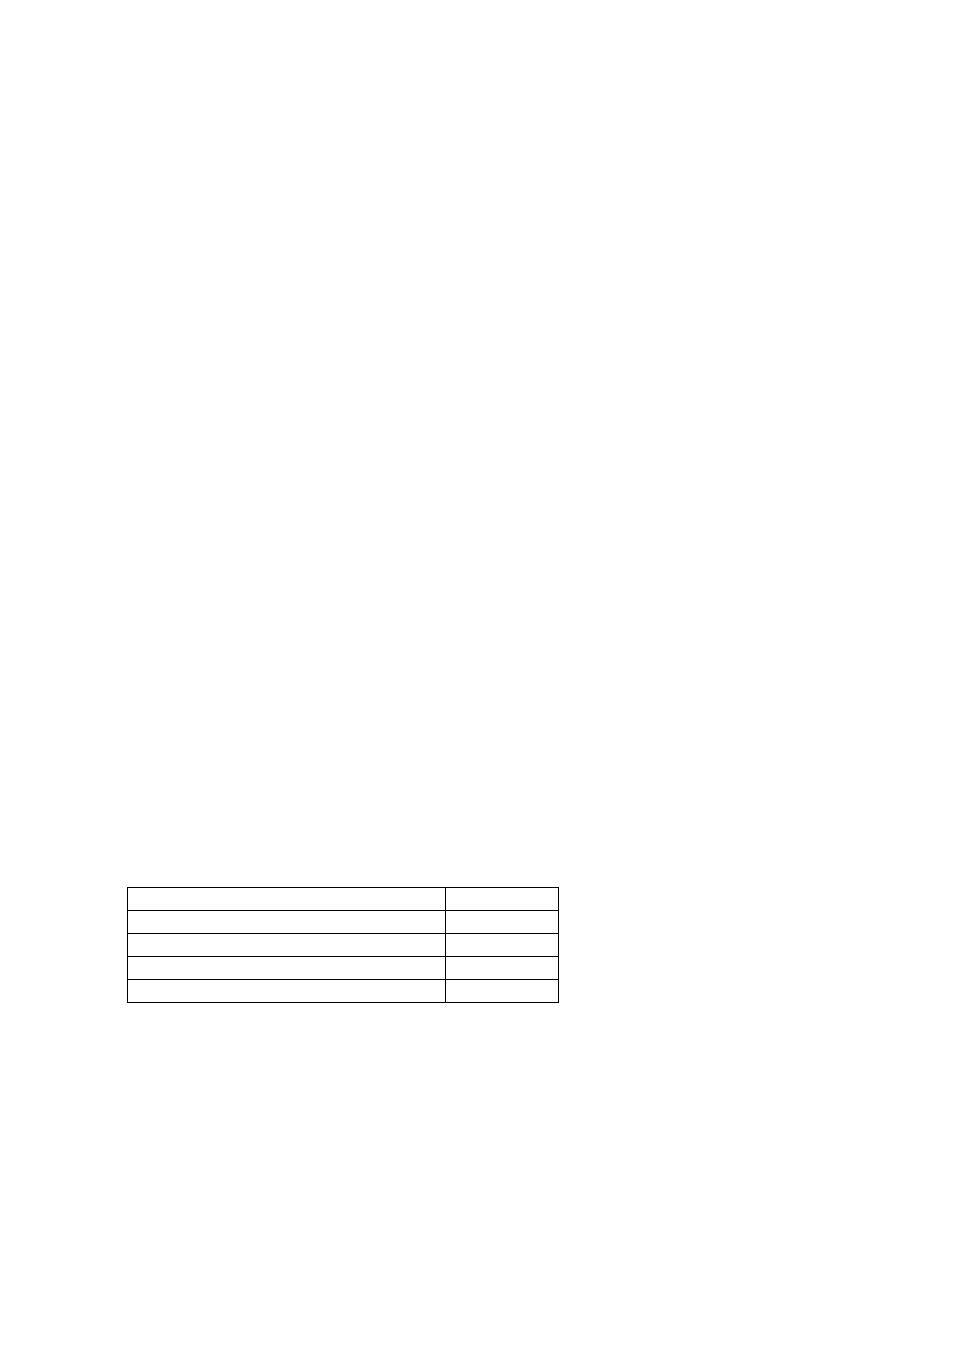 Инструкция Panasonic Sa Ht878 - картинка 1